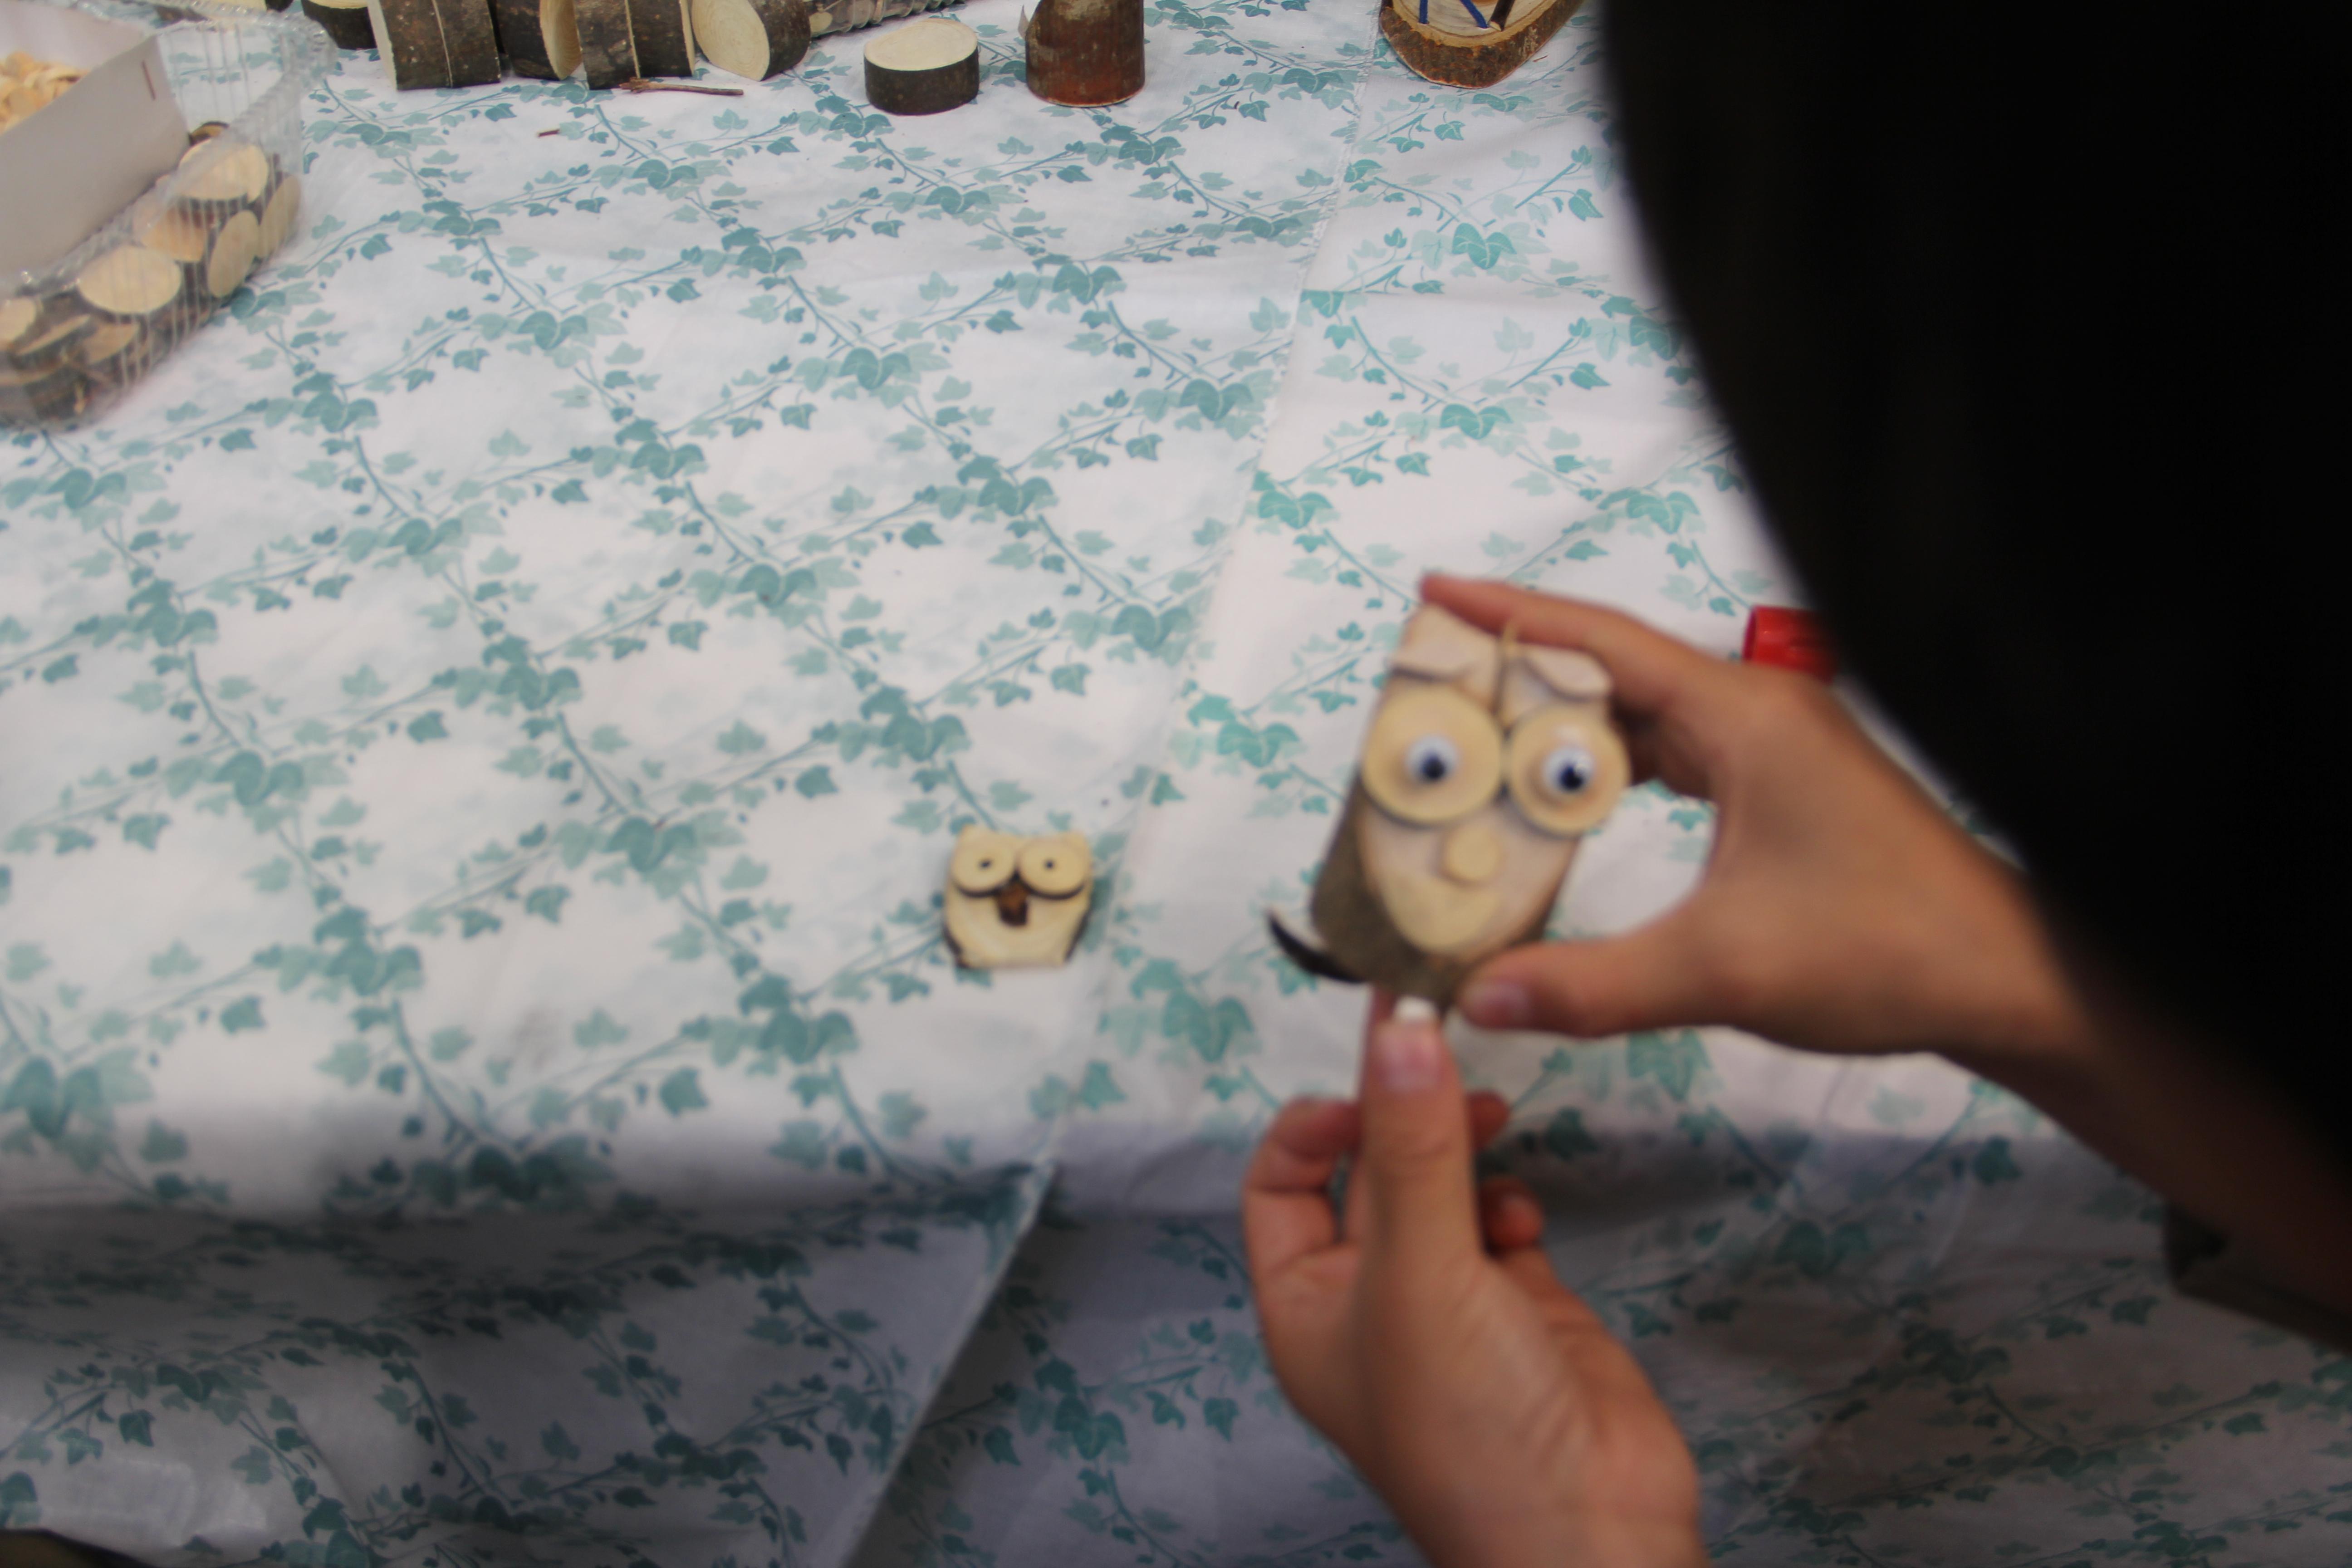 http://hacchi.jp/blog/upload/images/251109-6.JPG